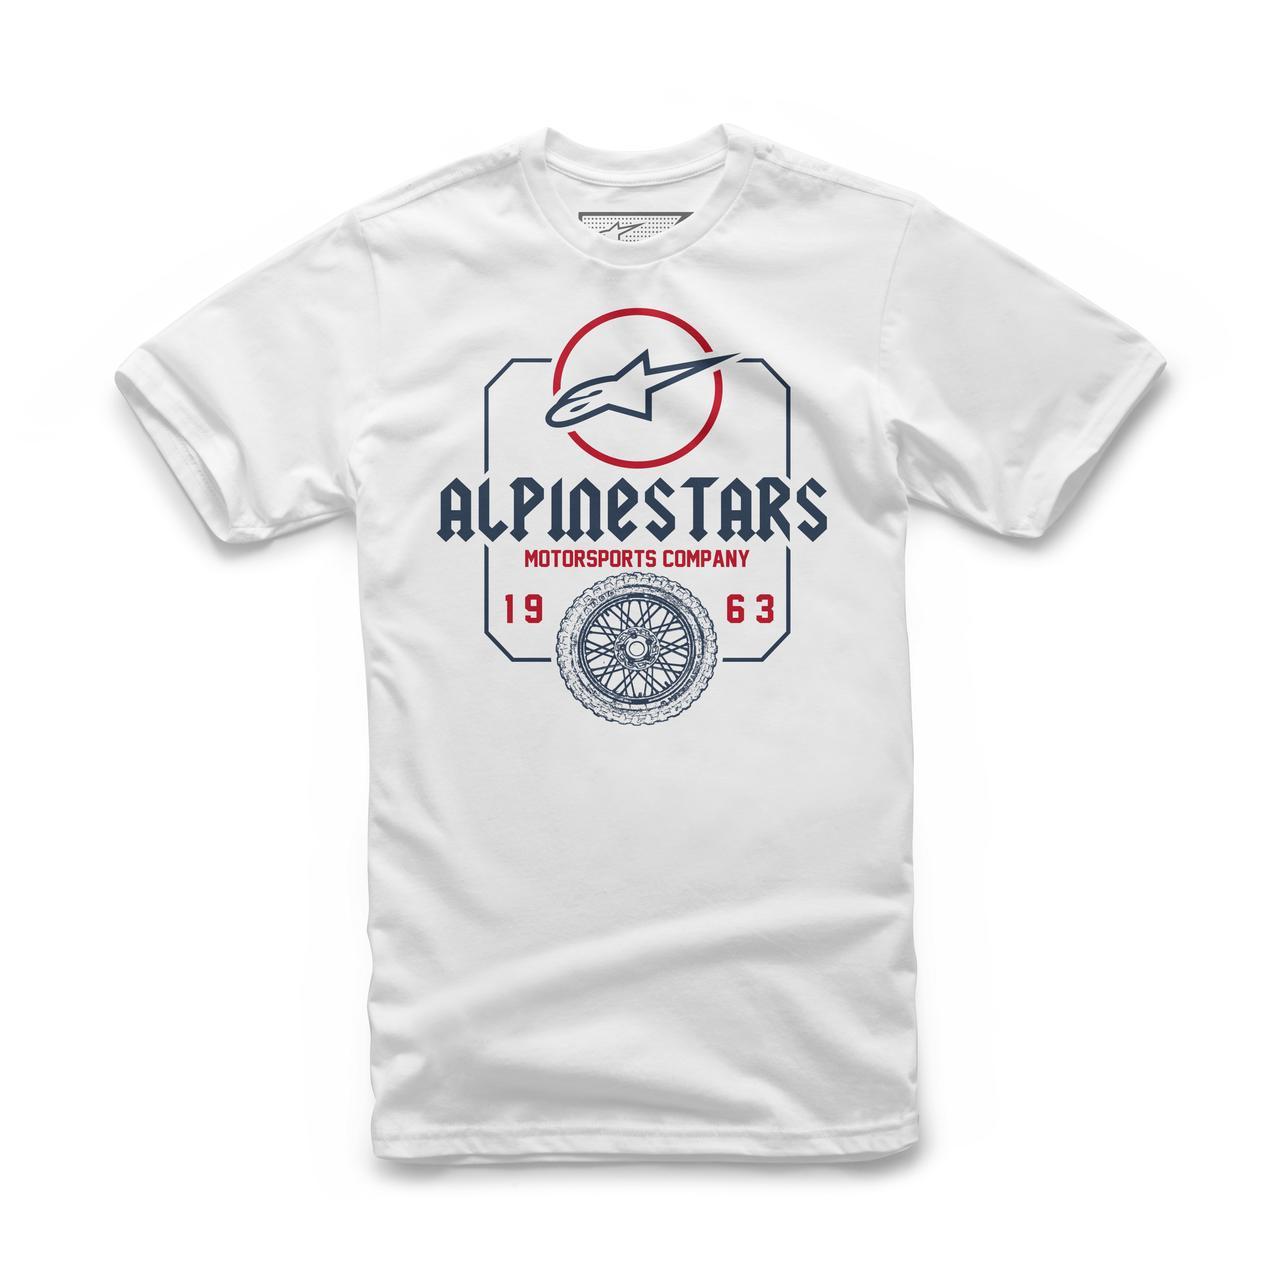 画像16: こんなにあったら選べない!? アルパインスターズの新作〈Tシャツ〉コレクション、あなたはどのデザインが好み?